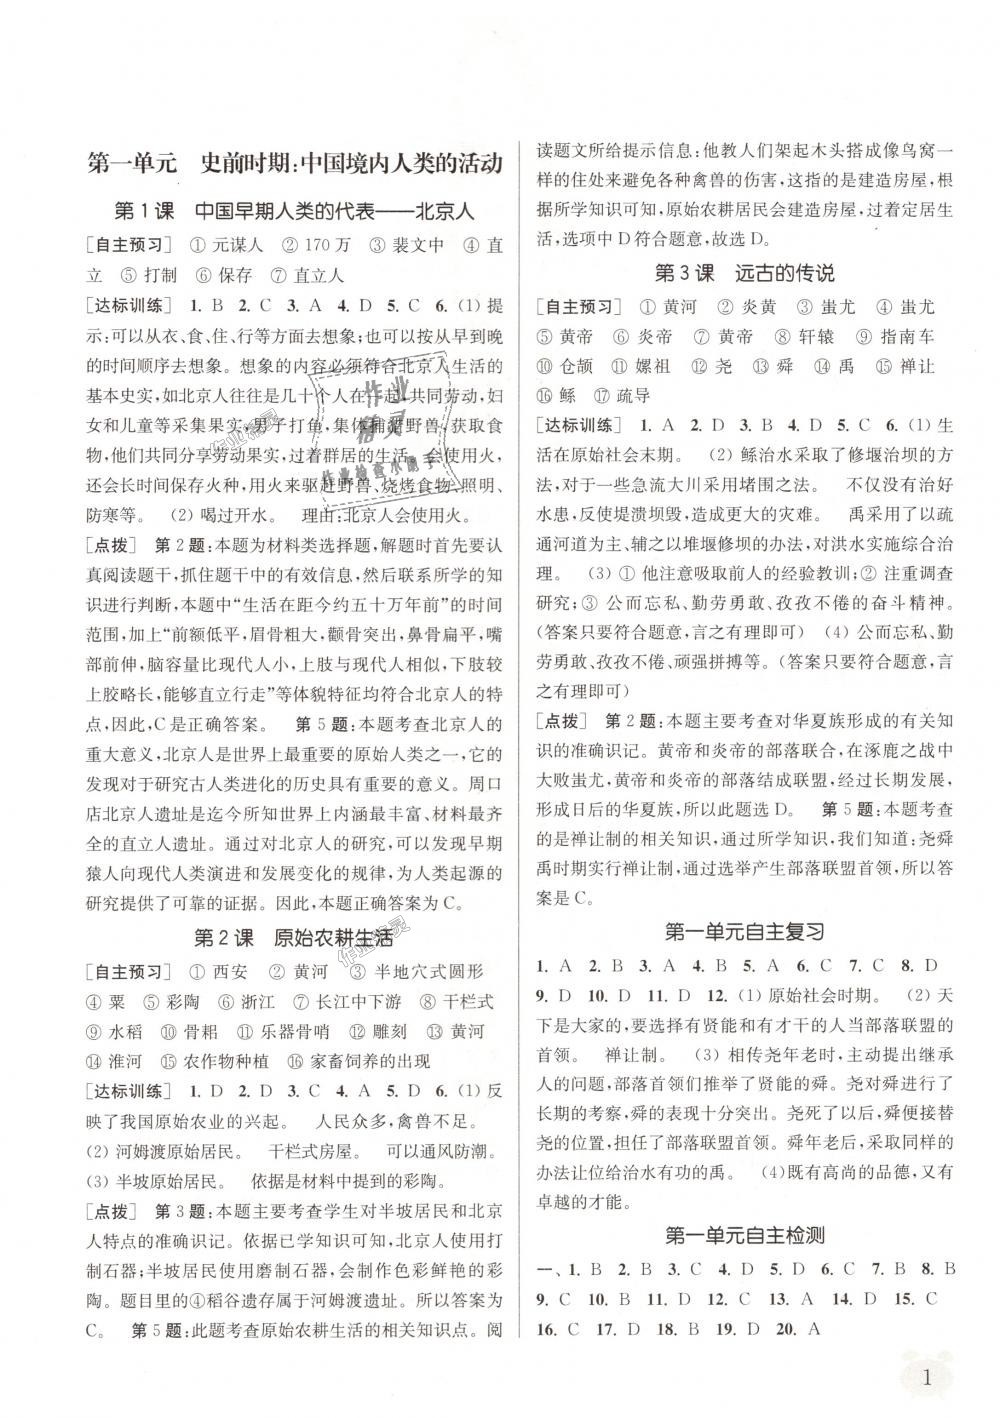 2018年通城学典课时作业本七年级历史上册人教版第1页